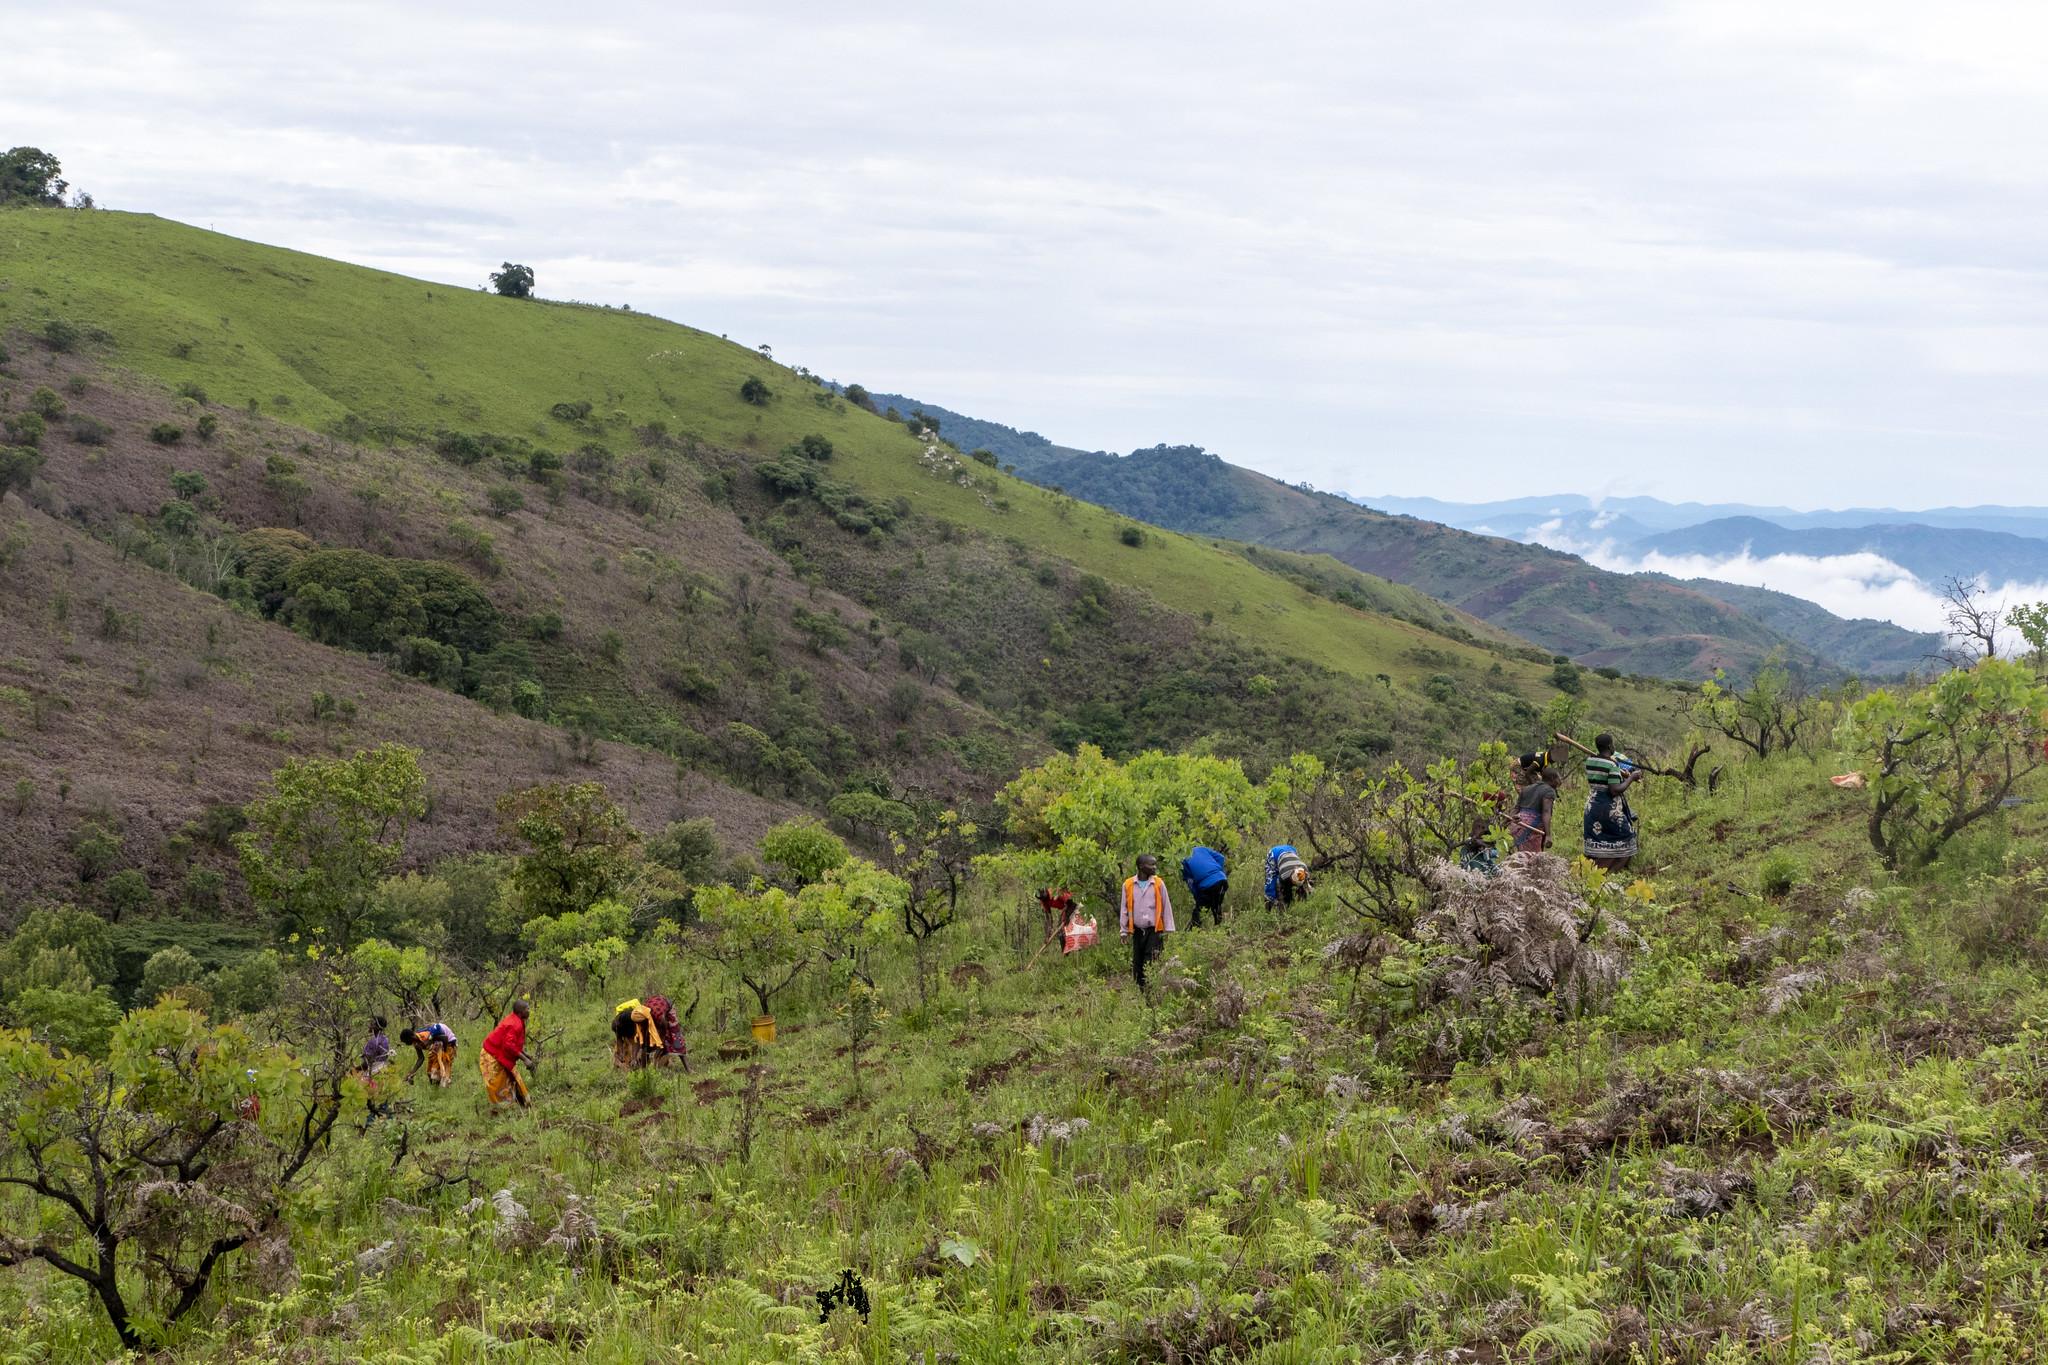 Misuku mountaintop restoration